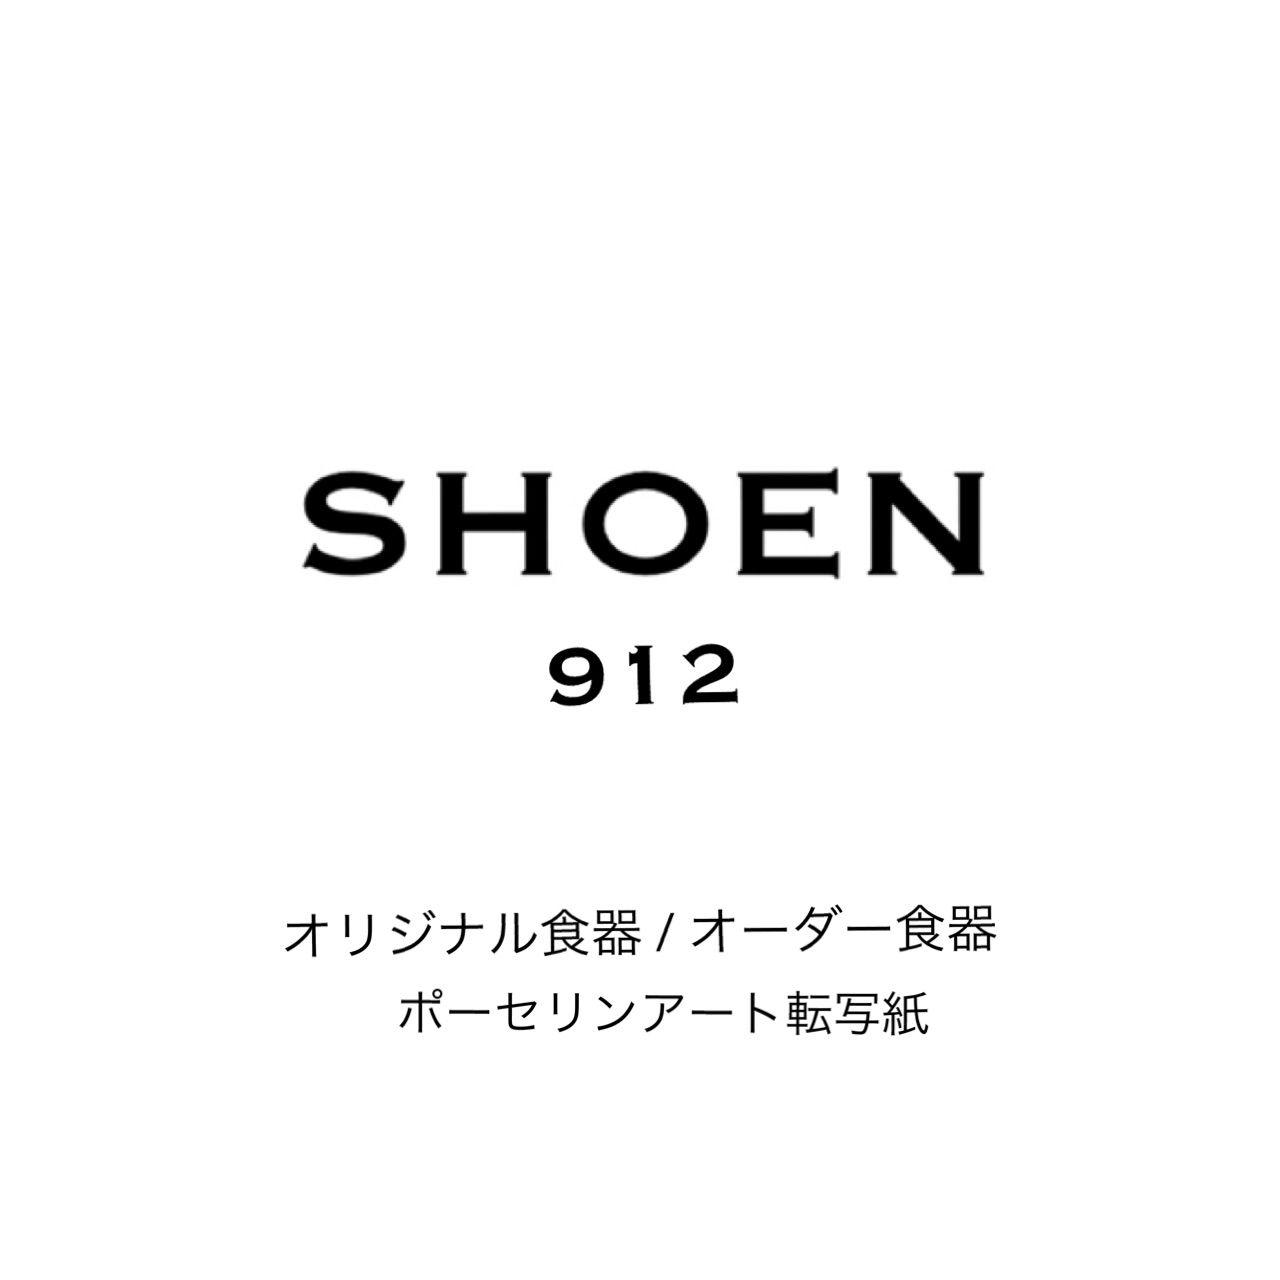 SHOEN 912